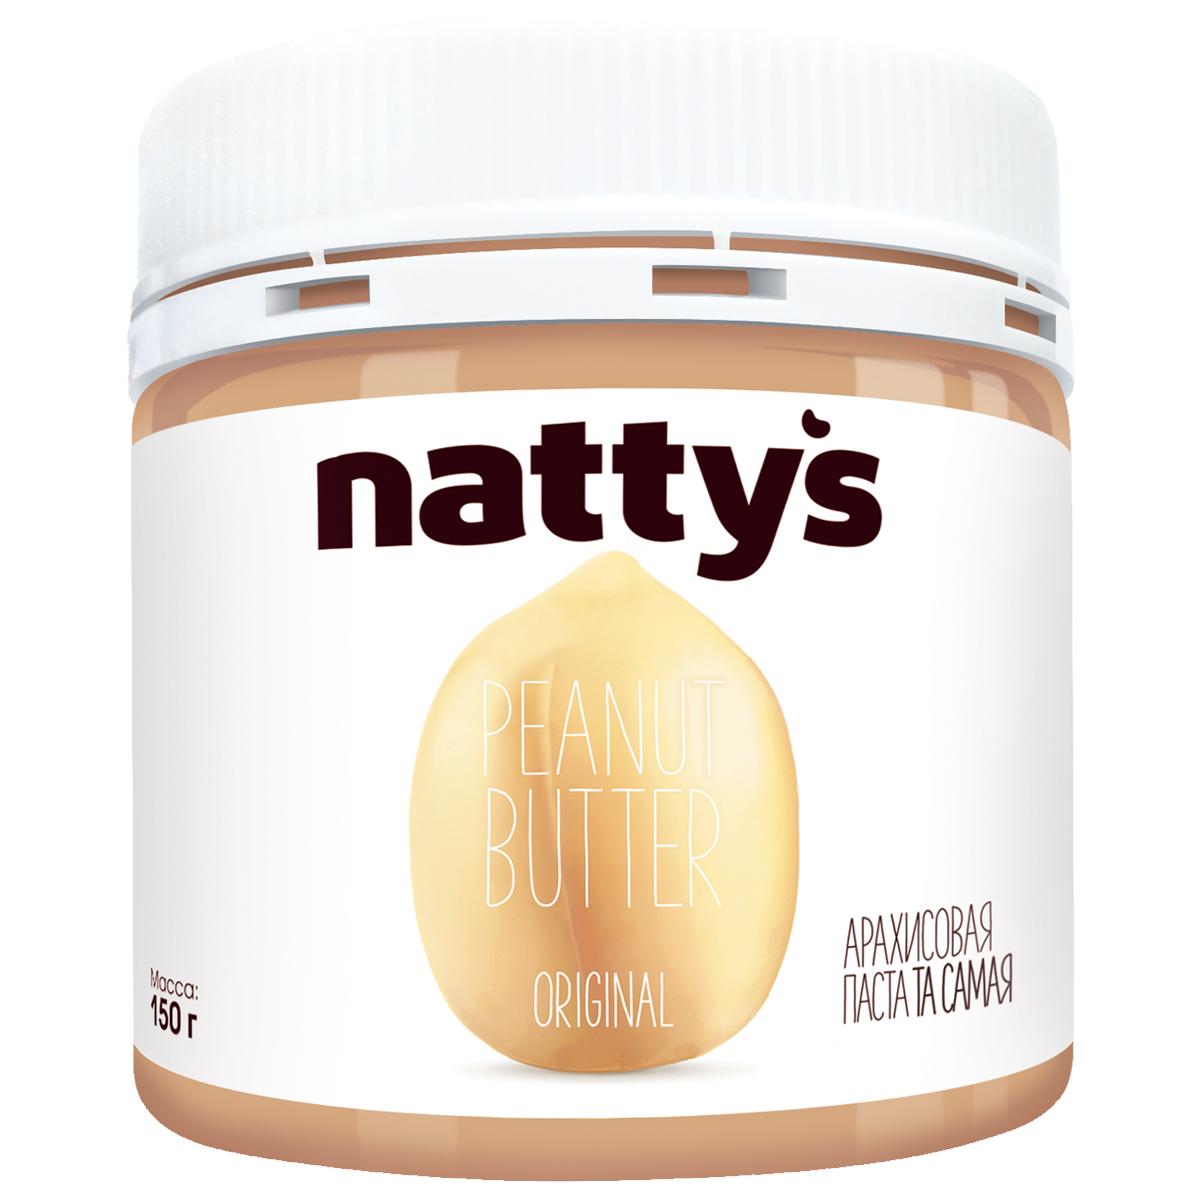 Natty's паста-крем арахисовая, 150 г